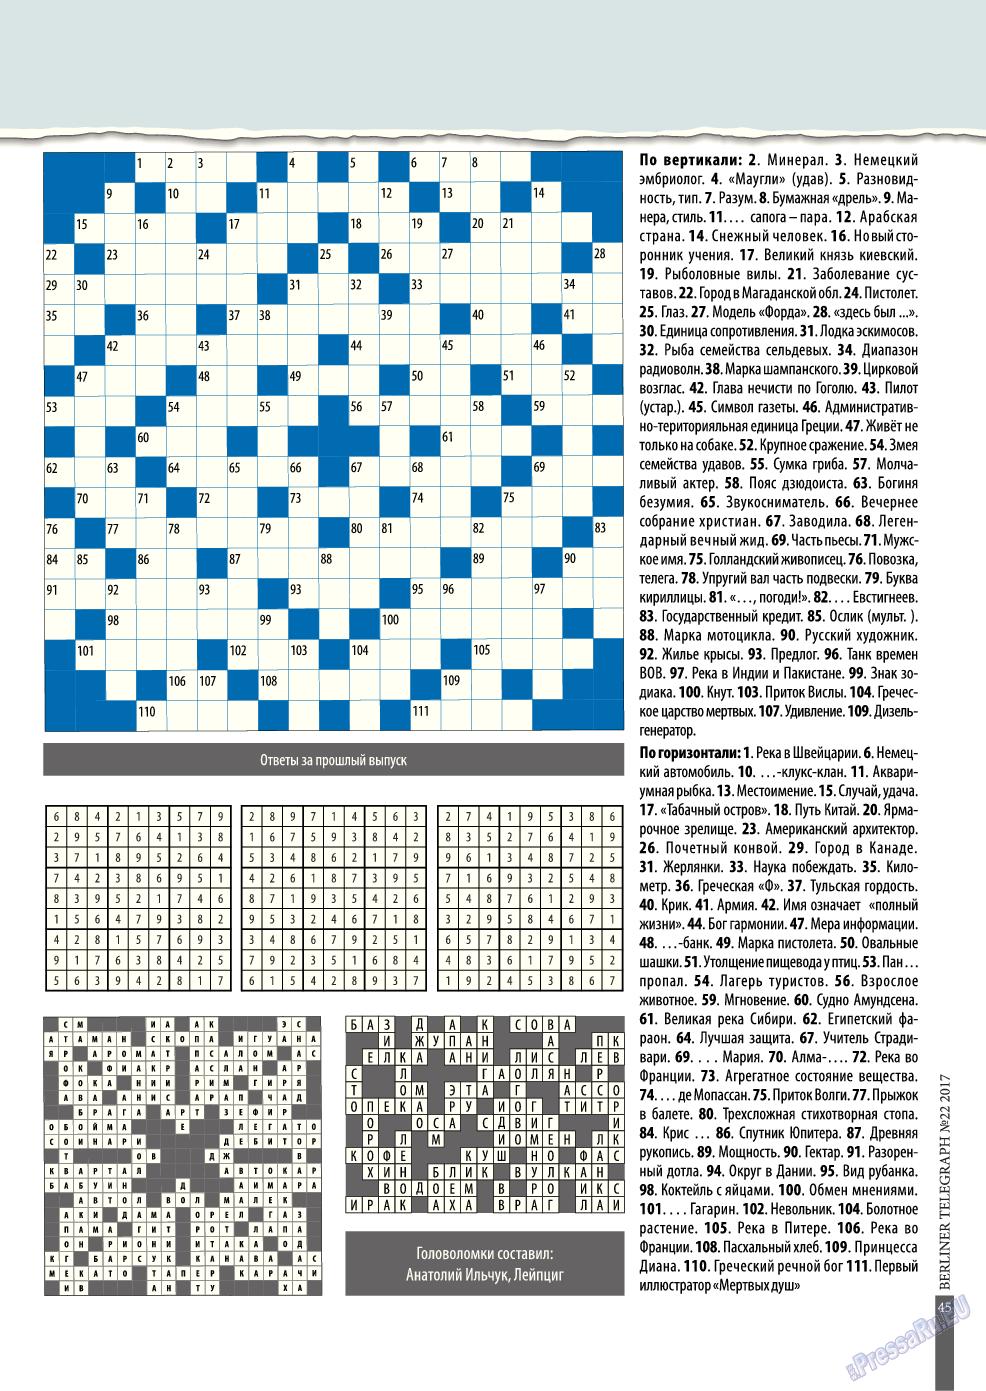 Берлинский телеграф (журнал). 2017 год, номер 22, стр. 45